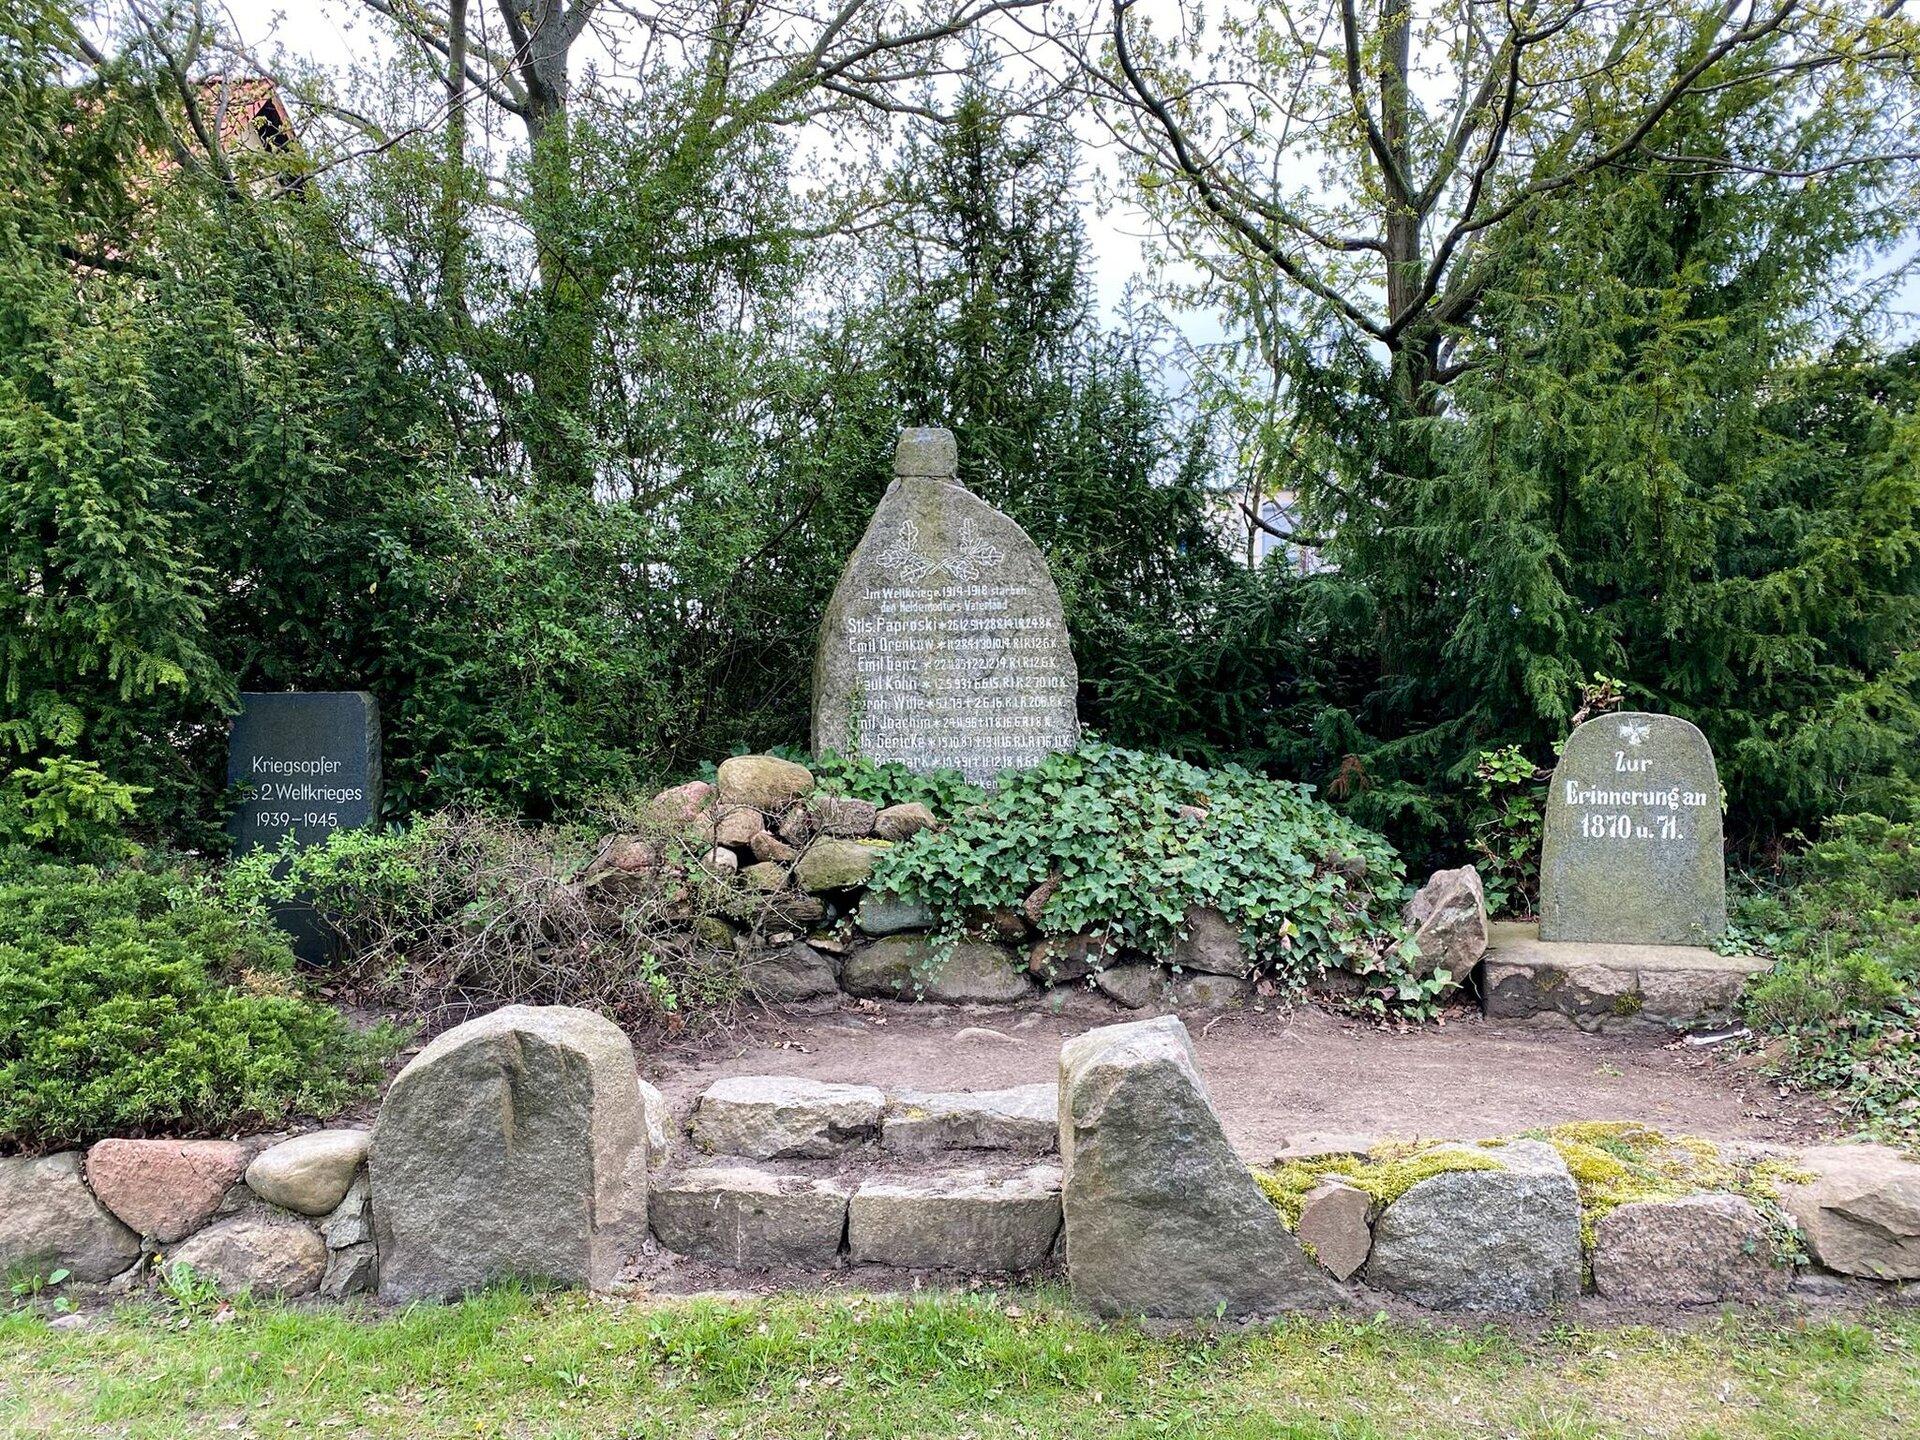 Giesensdorf, Dorfstraße: Denkmal für die Gefallenen des Deutsch-Französischen Kriegs (1870-1871), des Ersten und Zweiten Weltkriegs